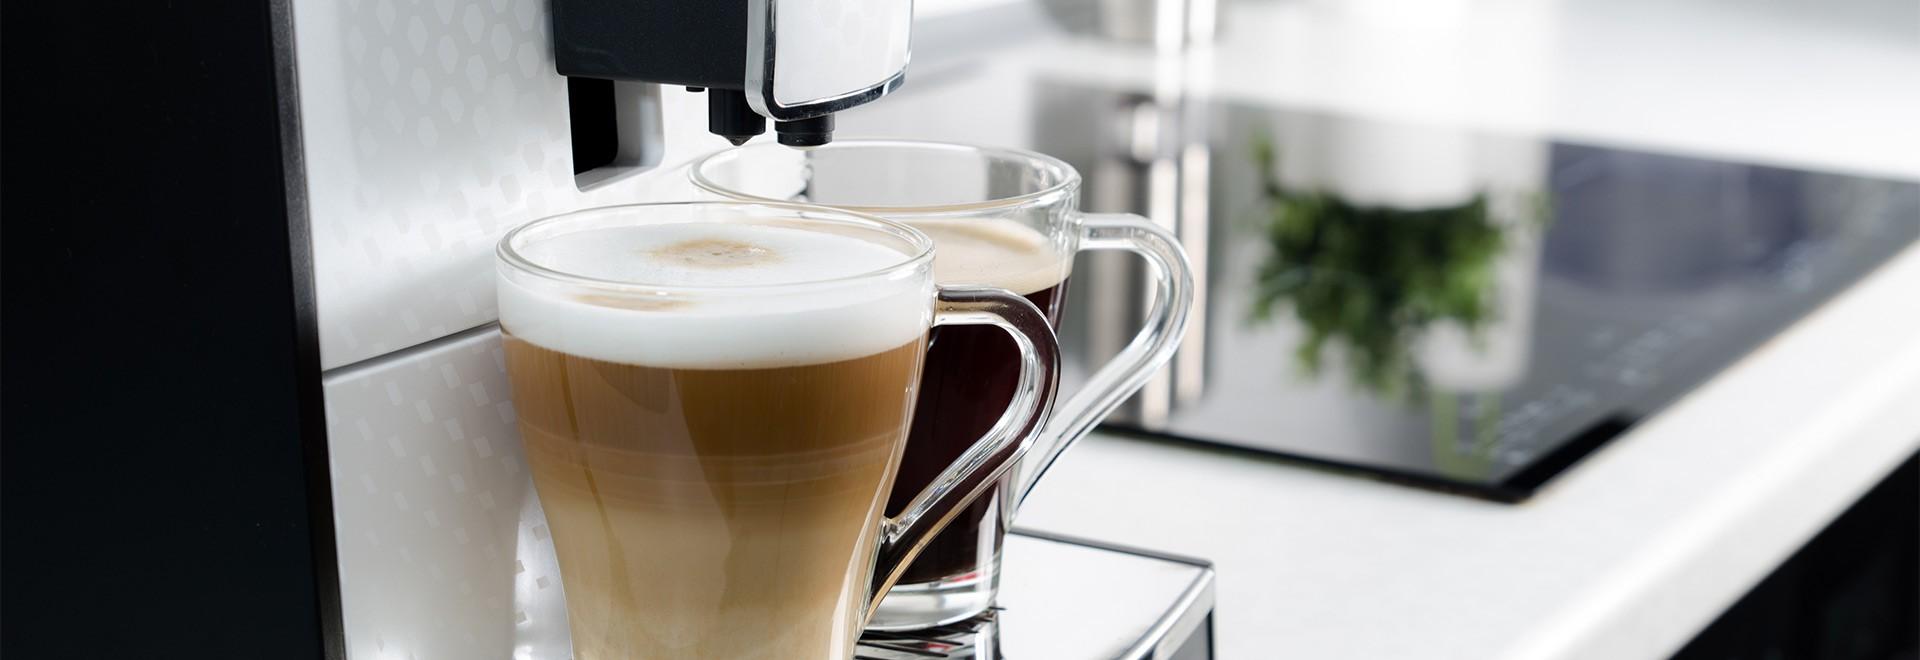 Cafetières et machines à café : effectuer un choix réfléchi